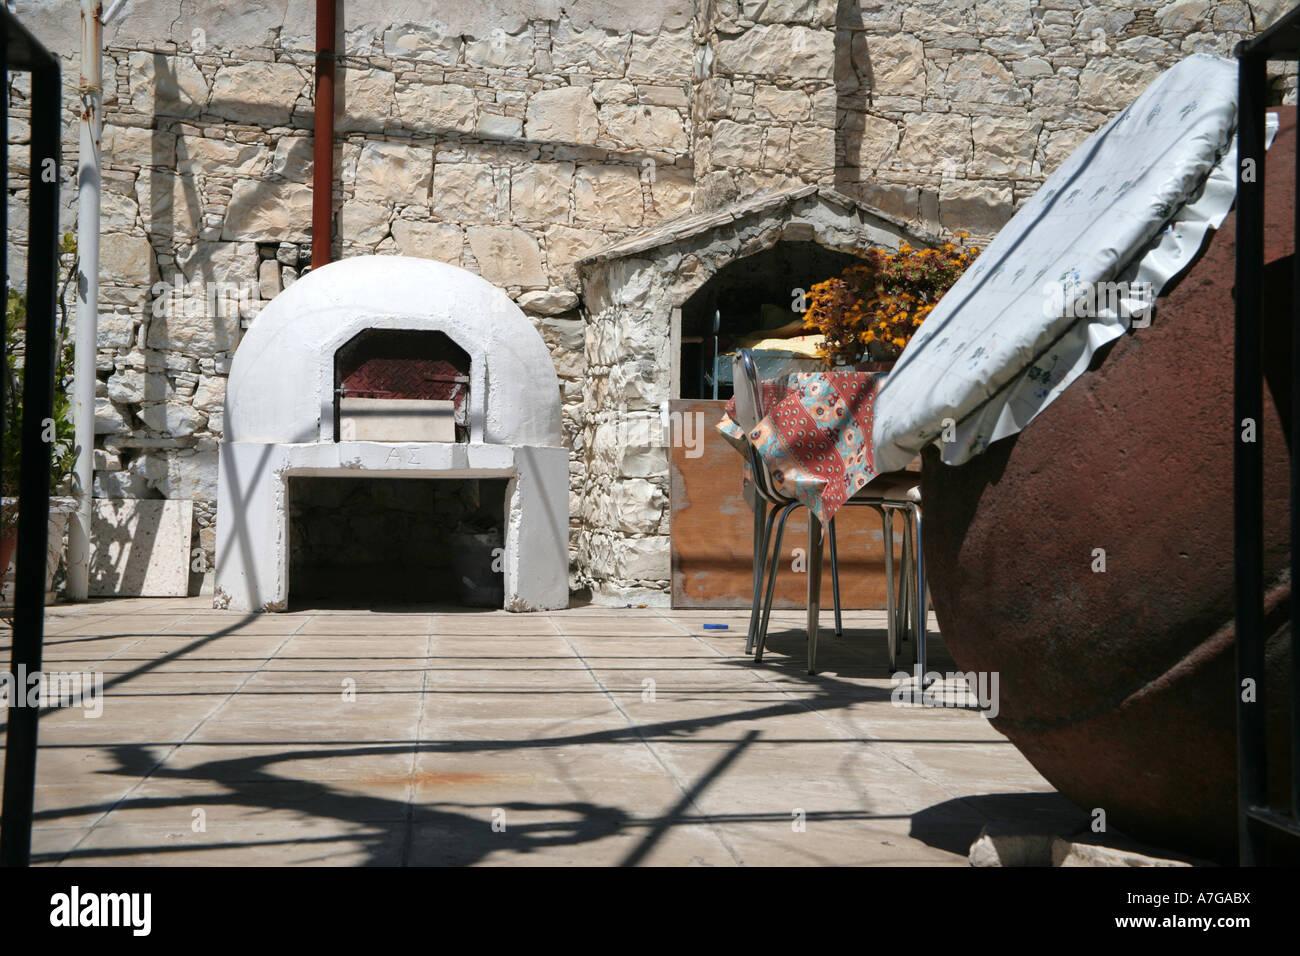 Ofen Auf Terrasse Dorf Haus Sonntag Troodos Gebirge Zyperns